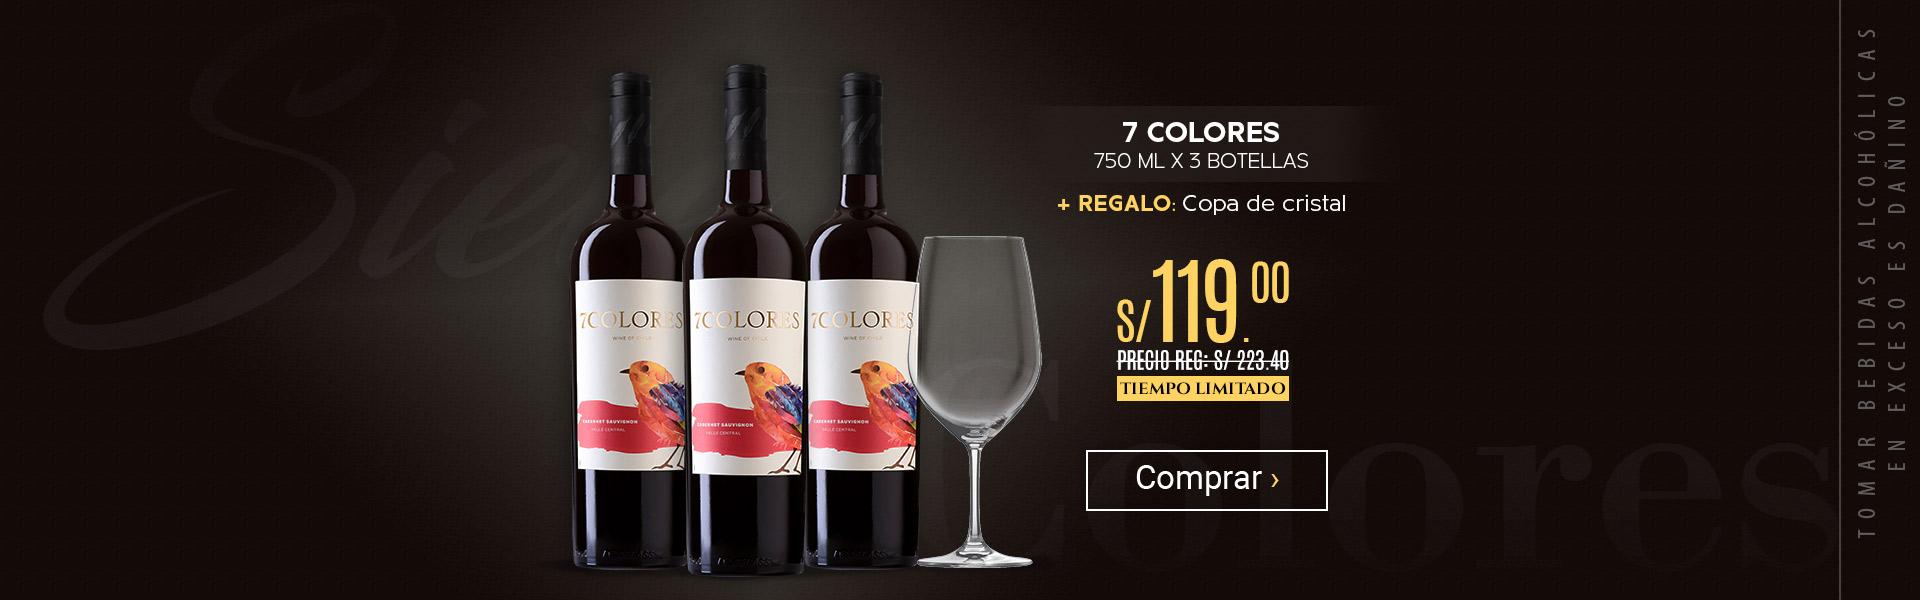 7 Colores + copa